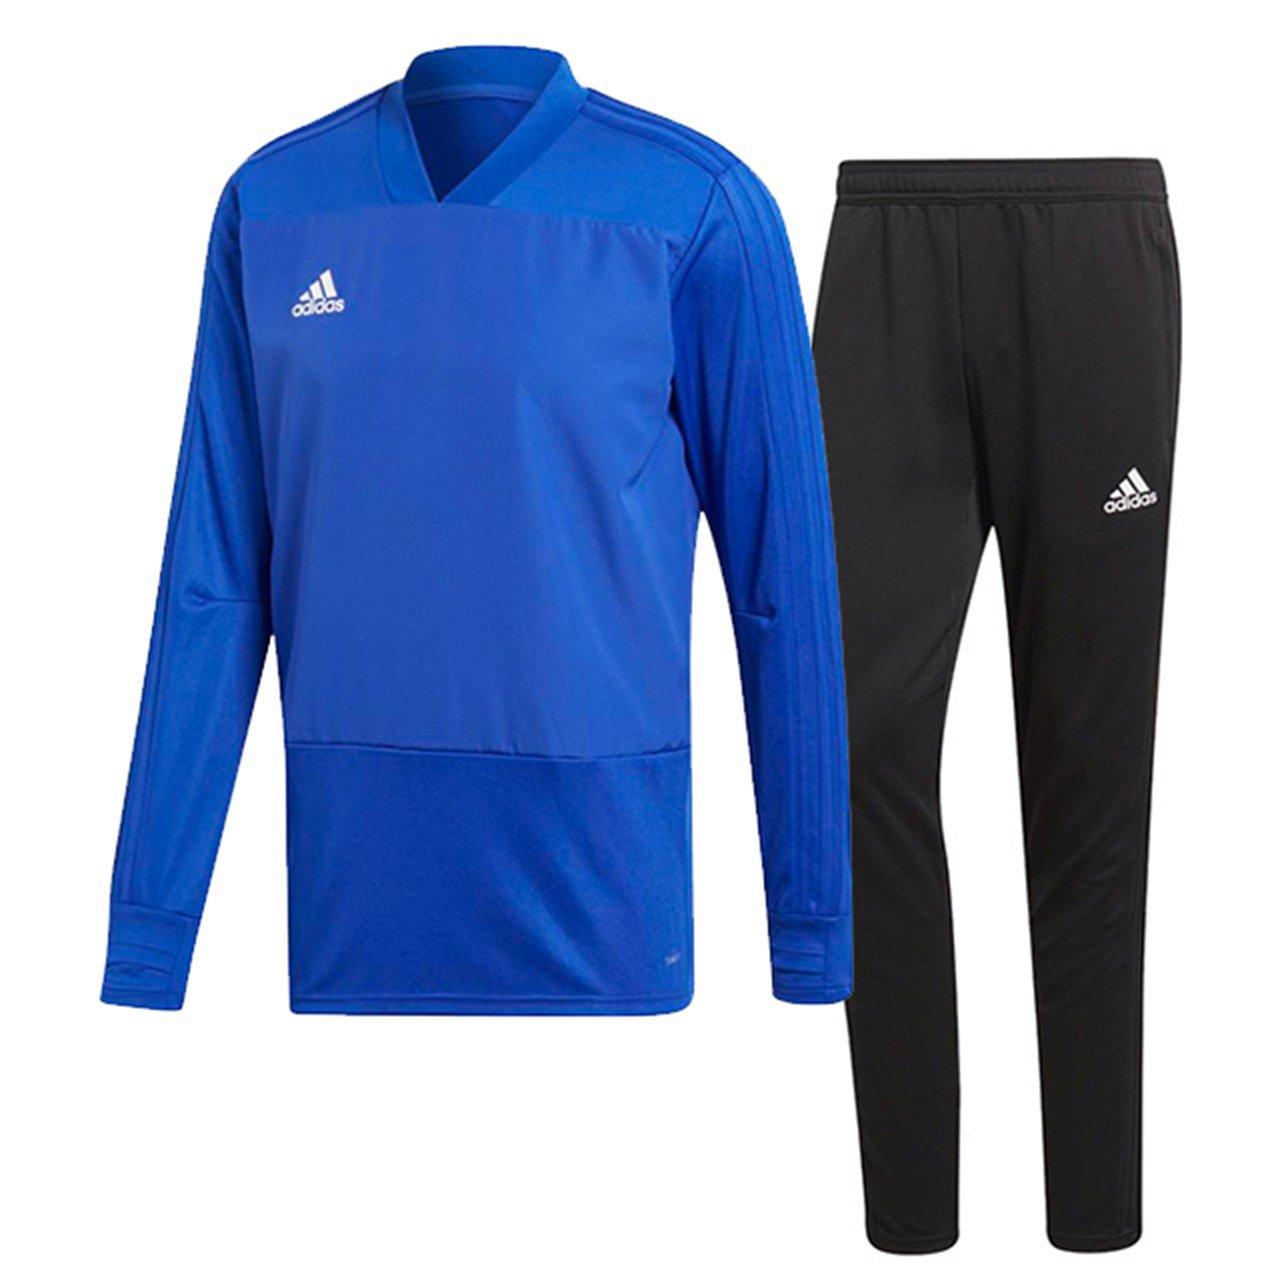 アディダス(adidas) CONDIVO18 トレーニングウエア 上下セット(ボールドブルー/ブラック) DJV18-CG0381-DJU99-BS0526 B0798CCJ9B 日本 J/M-(日本サイズM相当)|ボールドブルー×ブラック ボールドブルー×ブラック 日本 J/M-(日本サイズM相当)